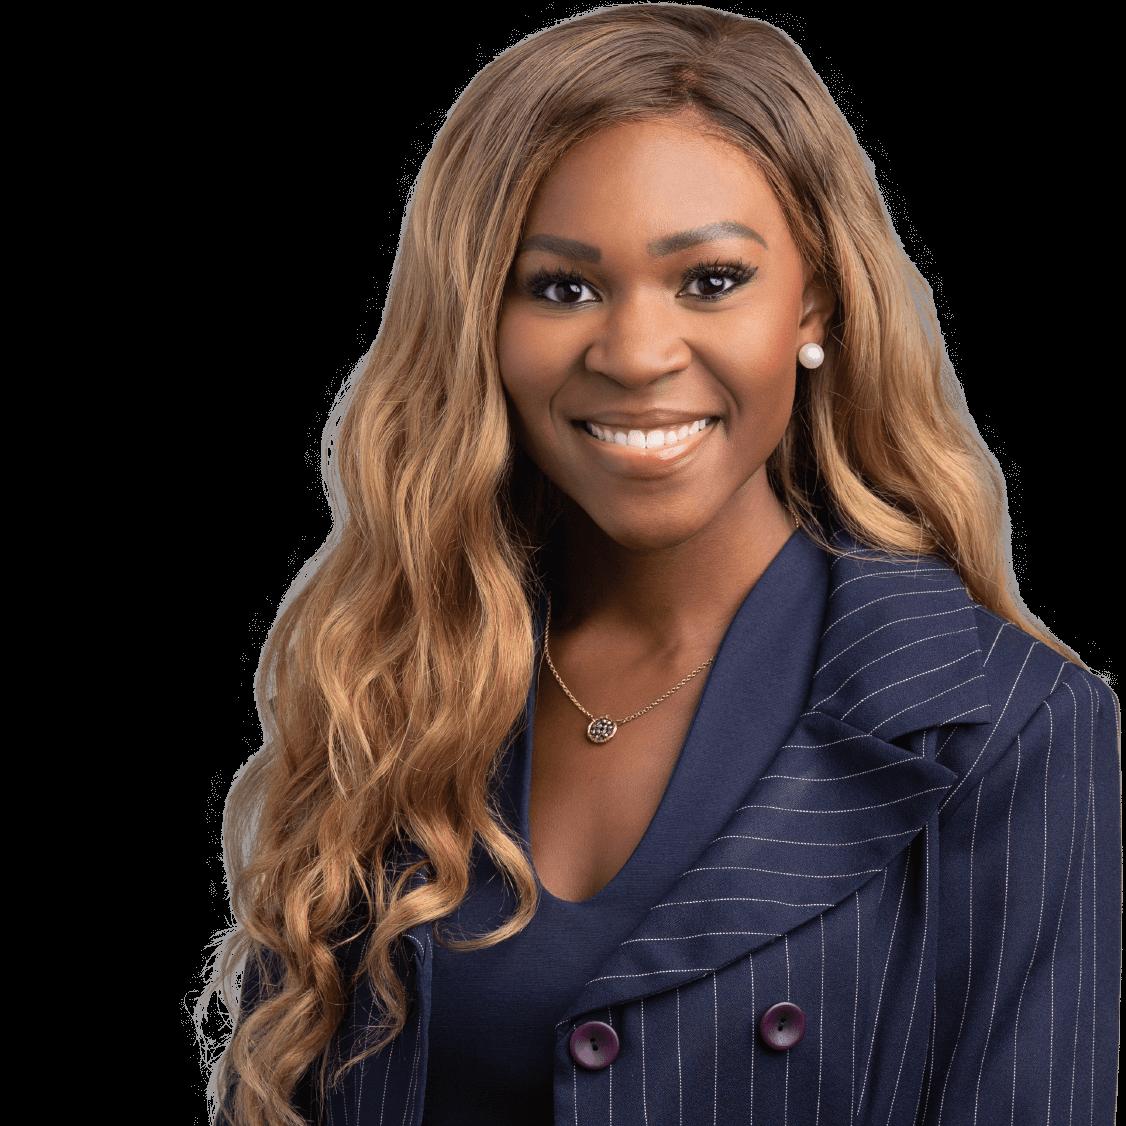 Ashley O. Ogedegbe